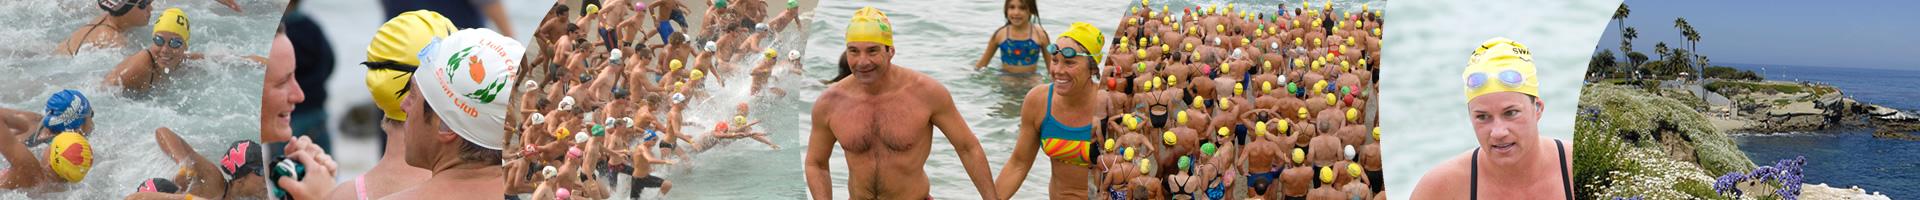 La Jolla Cove Swim Club